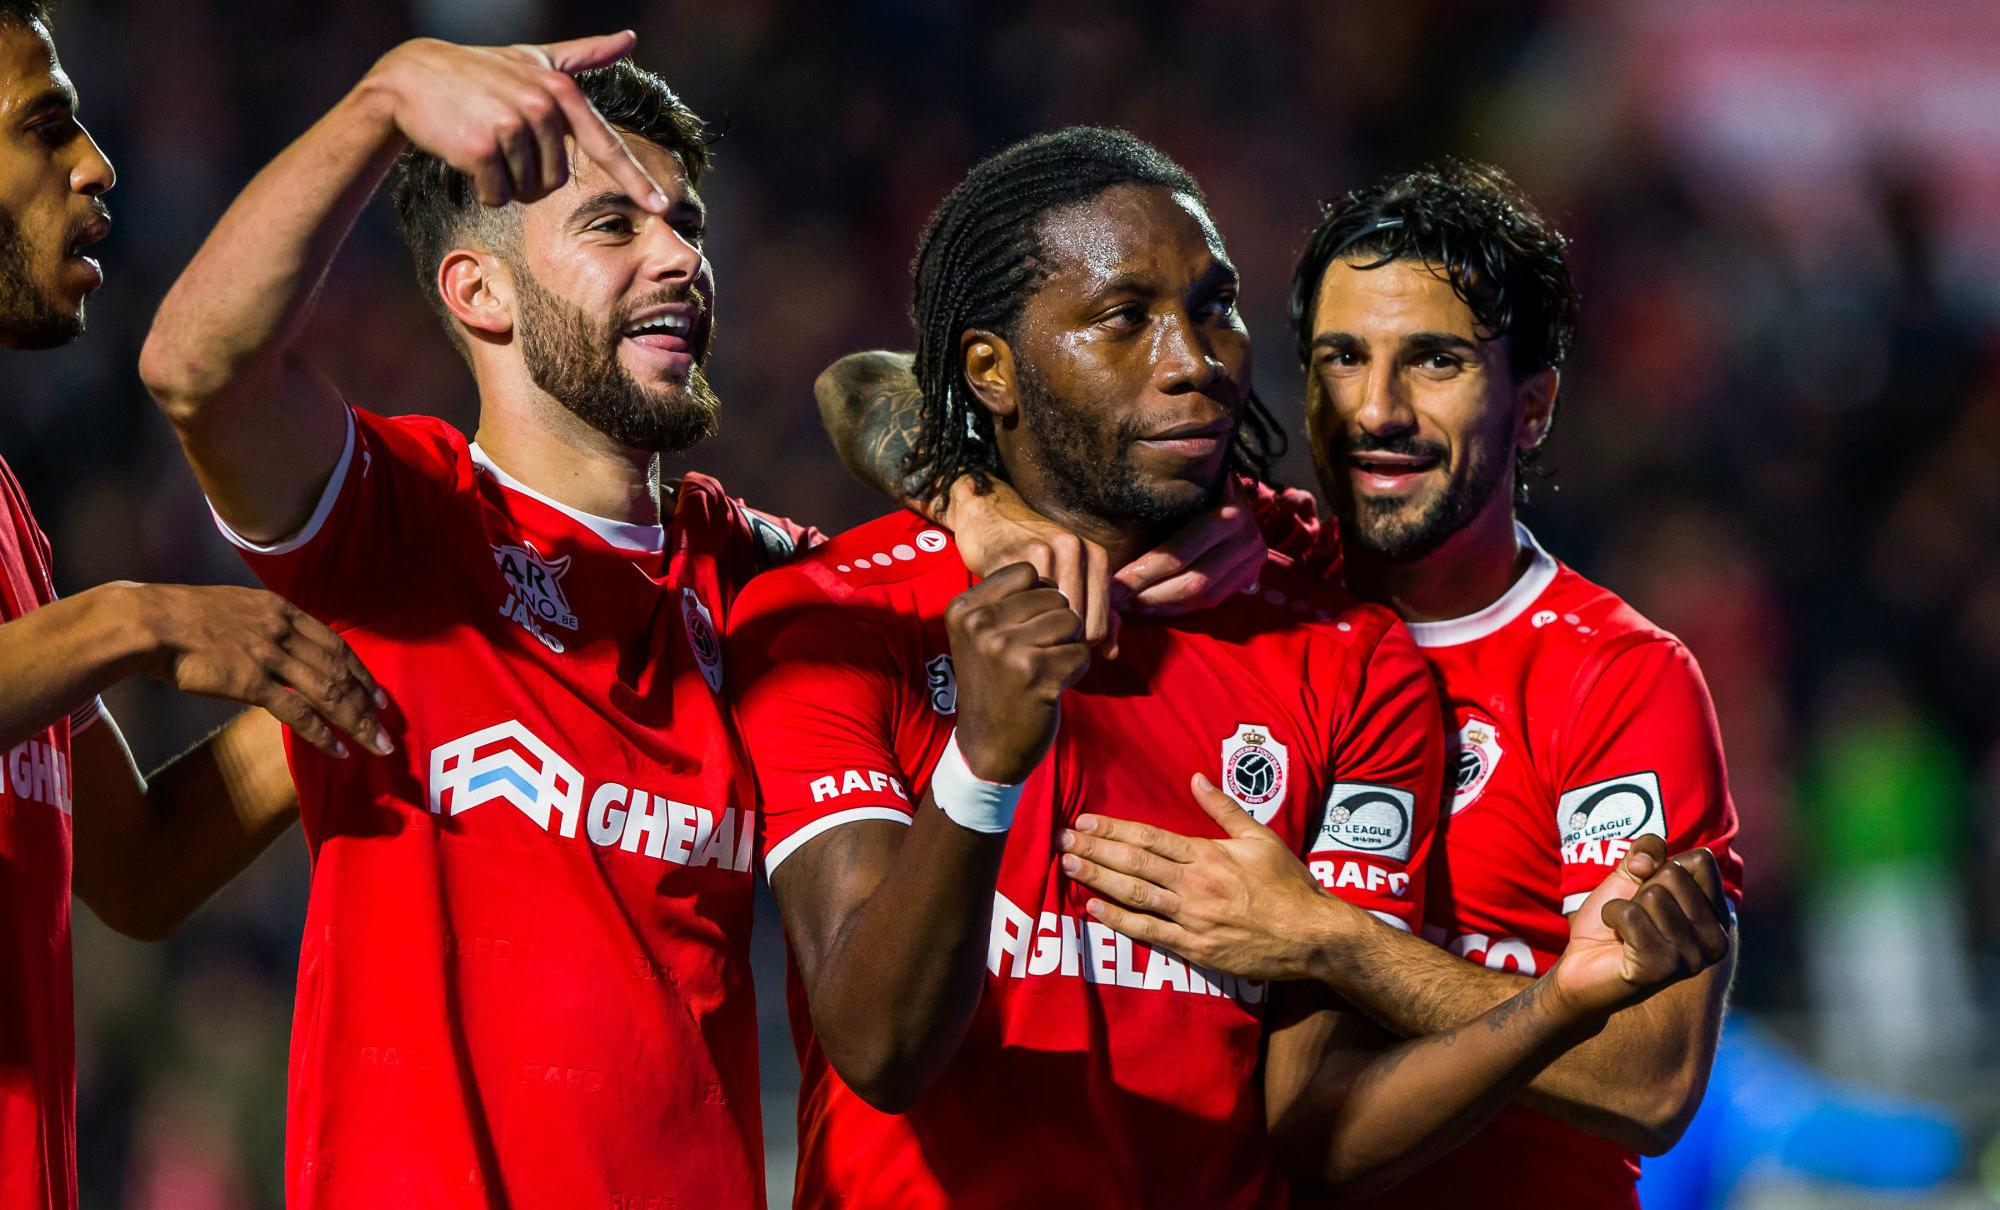 Antwerp FC - Mbokani